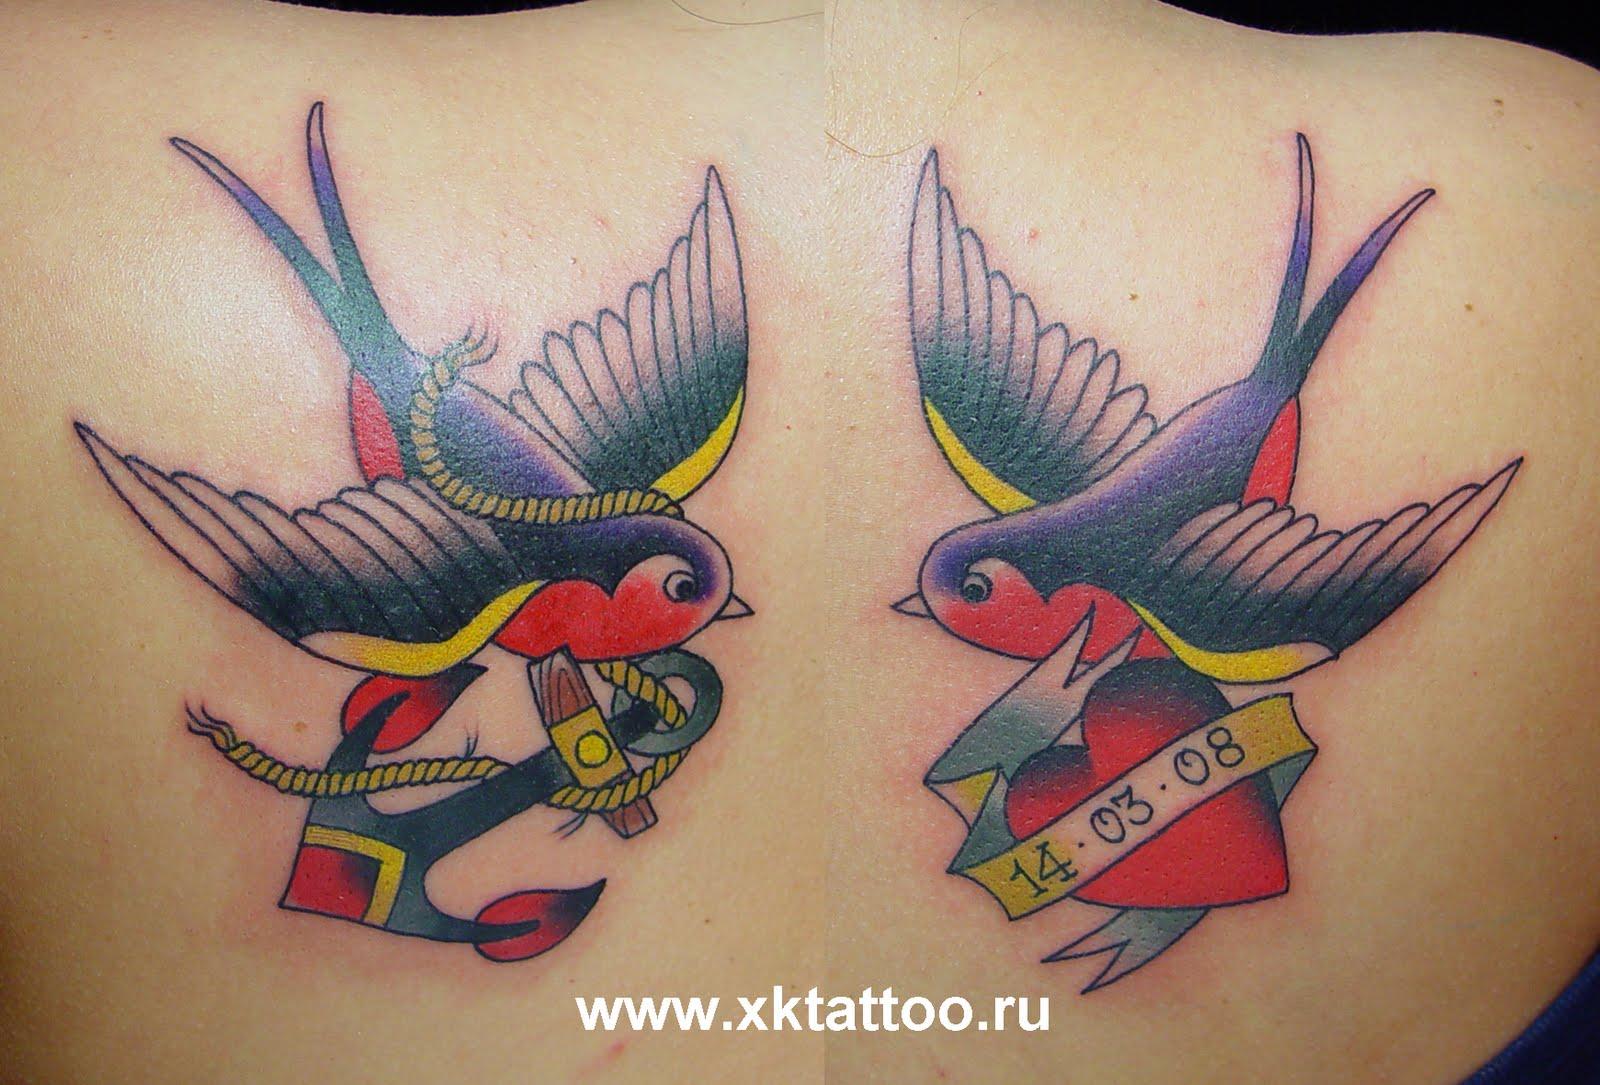 X Traditional Tattoo